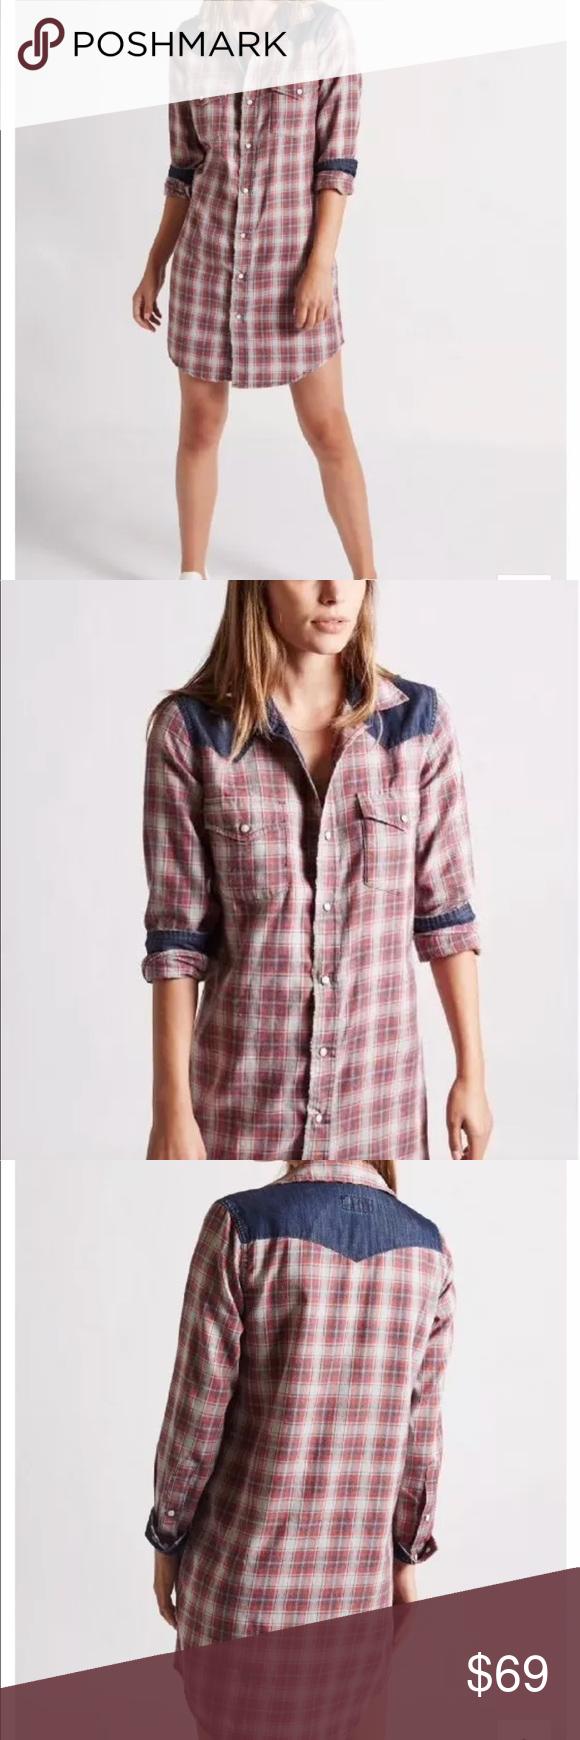 Current elliott new western shirt dress small nwt my posh picks